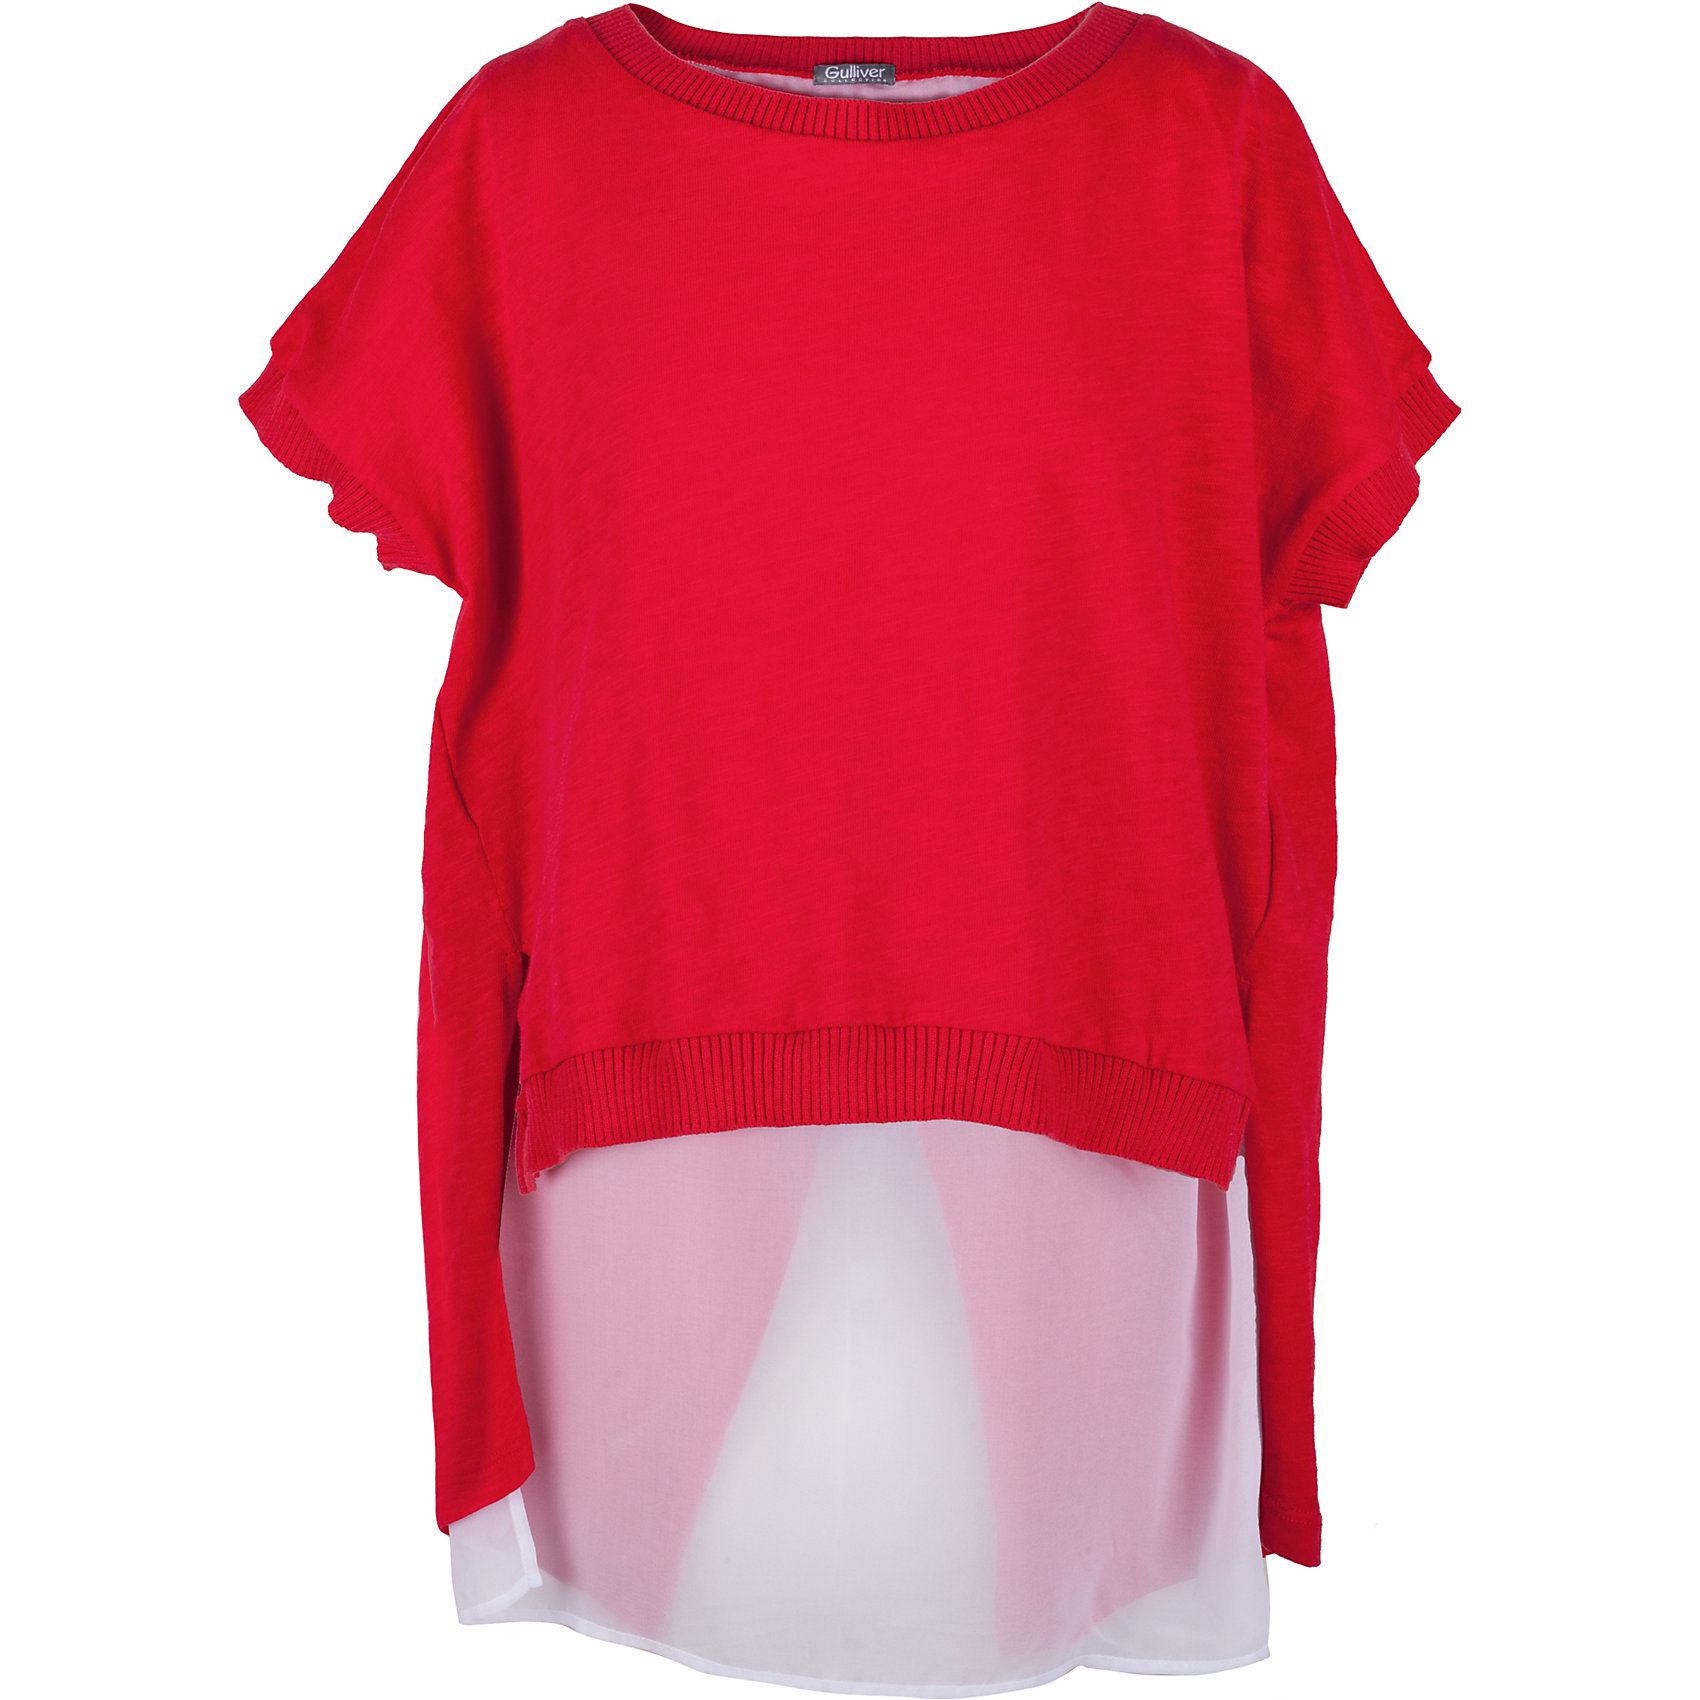 Футболка для девочки GulliverФутболки, поло и топы<br>Вкусовые предпочтения девочки-подростка предугадать не просто. Но дизайнеры Gulliver знают наверняка - современная девочка хочет быть в тренде! Коллекция Коста-Рика отражает самые последние веяния моды, а красная футболка из этой коллекции, с удлиненной линией спинки и отделкой из белого шифона - лучший образец стильной футболки без рисунка.  Интересный дизайн, оригинальный крой, насыщенный цвет - в этой футболке юная модница будет чувствовать себя уверенно и комфортно! Красная футболка - прекрасный компаньон для ярких орнаментальных изделий. Она подчеркнет индивидуальный стиль и хороший вкус юной леди.<br>Состав:<br>100% хлопок/                   100% полиэстер<br><br>Ширина мм: 199<br>Глубина мм: 10<br>Высота мм: 161<br>Вес г: 151<br>Цвет: красный<br>Возраст от месяцев: 144<br>Возраст до месяцев: 156<br>Пол: Женский<br>Возраст: Детский<br>Размер: 158,164,152,146<br>SKU: 5483110